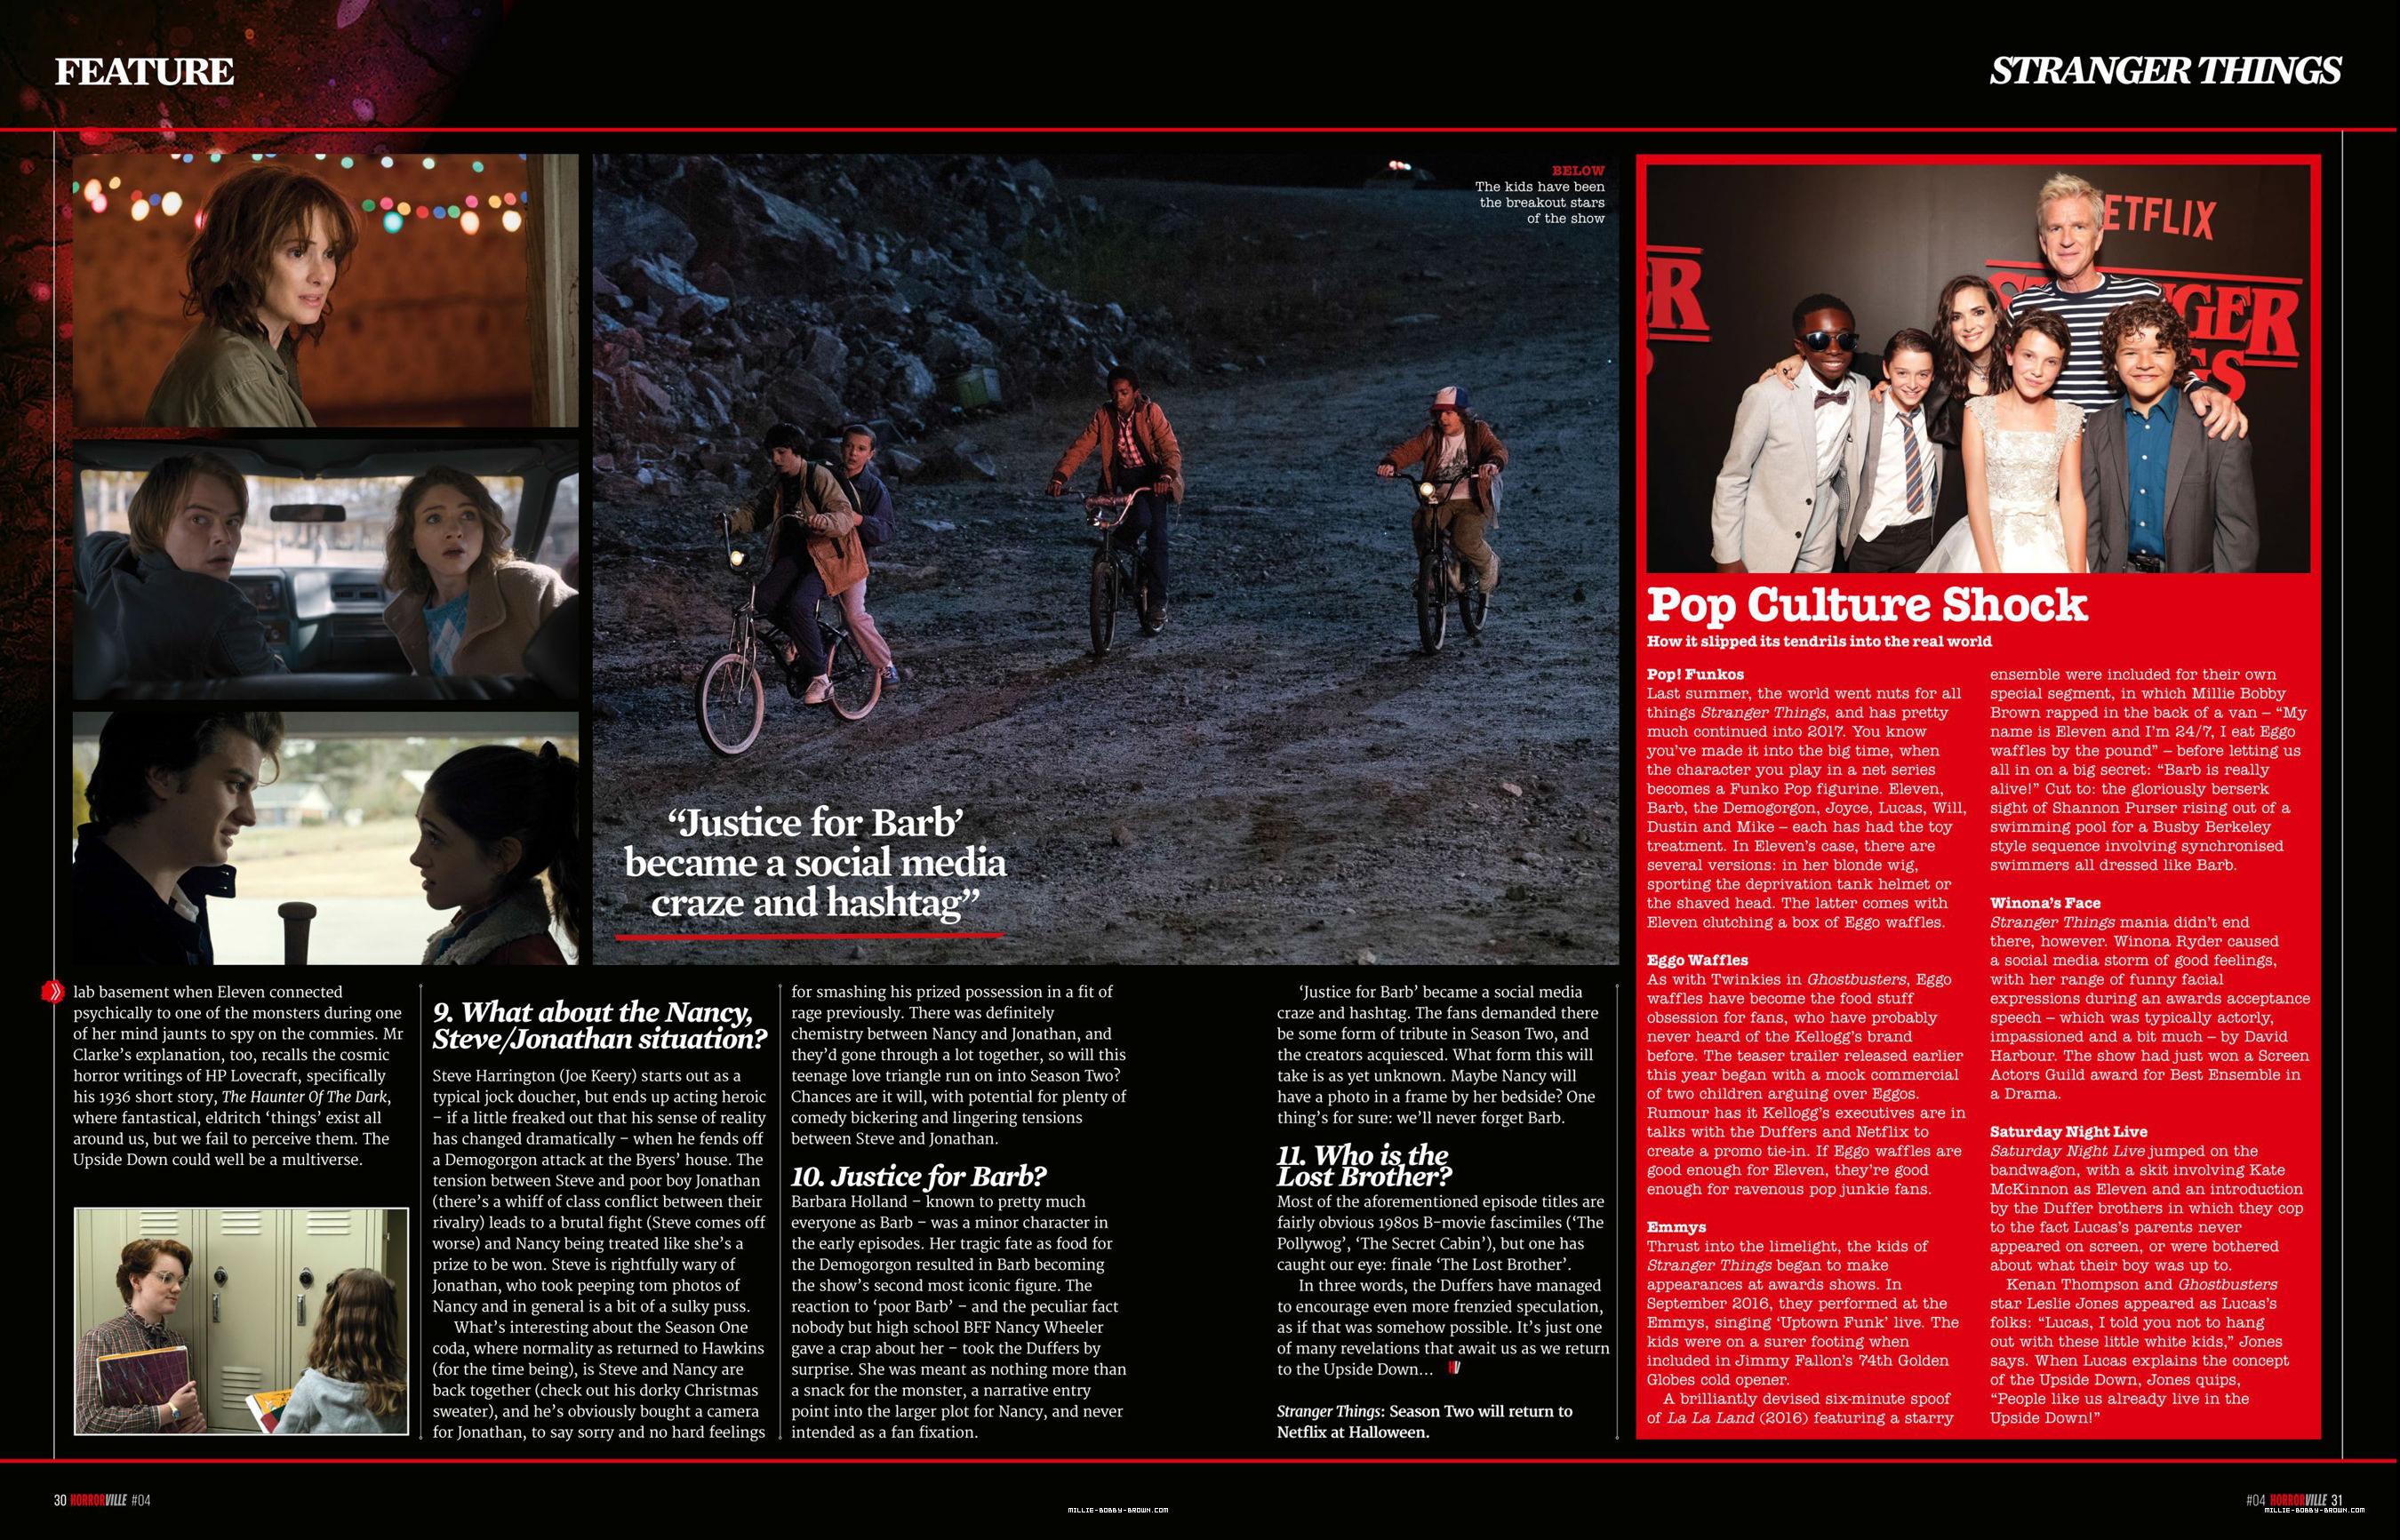 Stranger Things in Horrorville Magazine - 2017 [5]